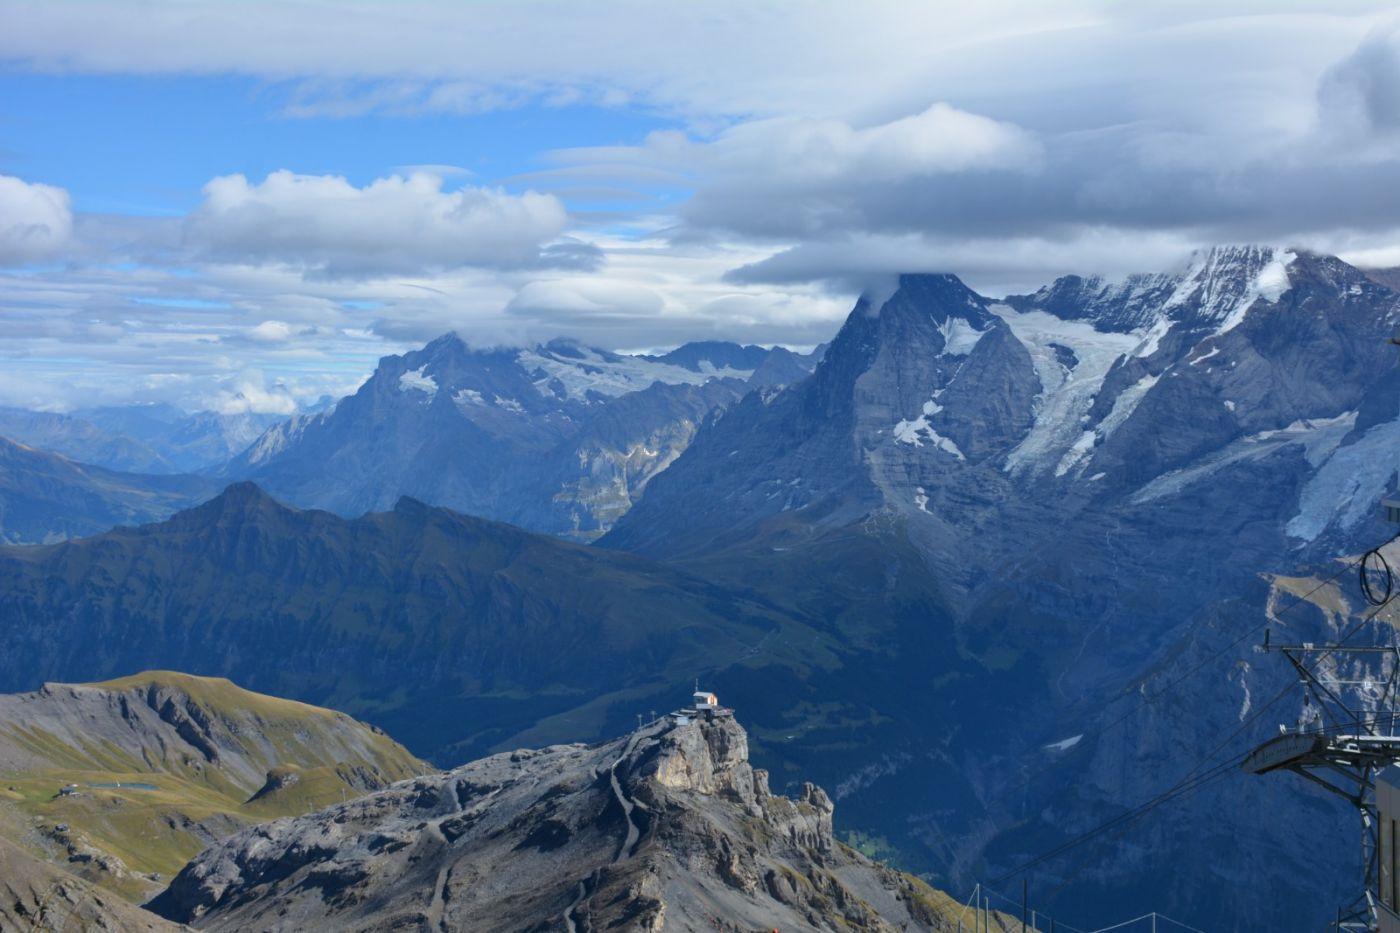 登上阿尔卑斯山遥望少女、勃朗峰_图1-7